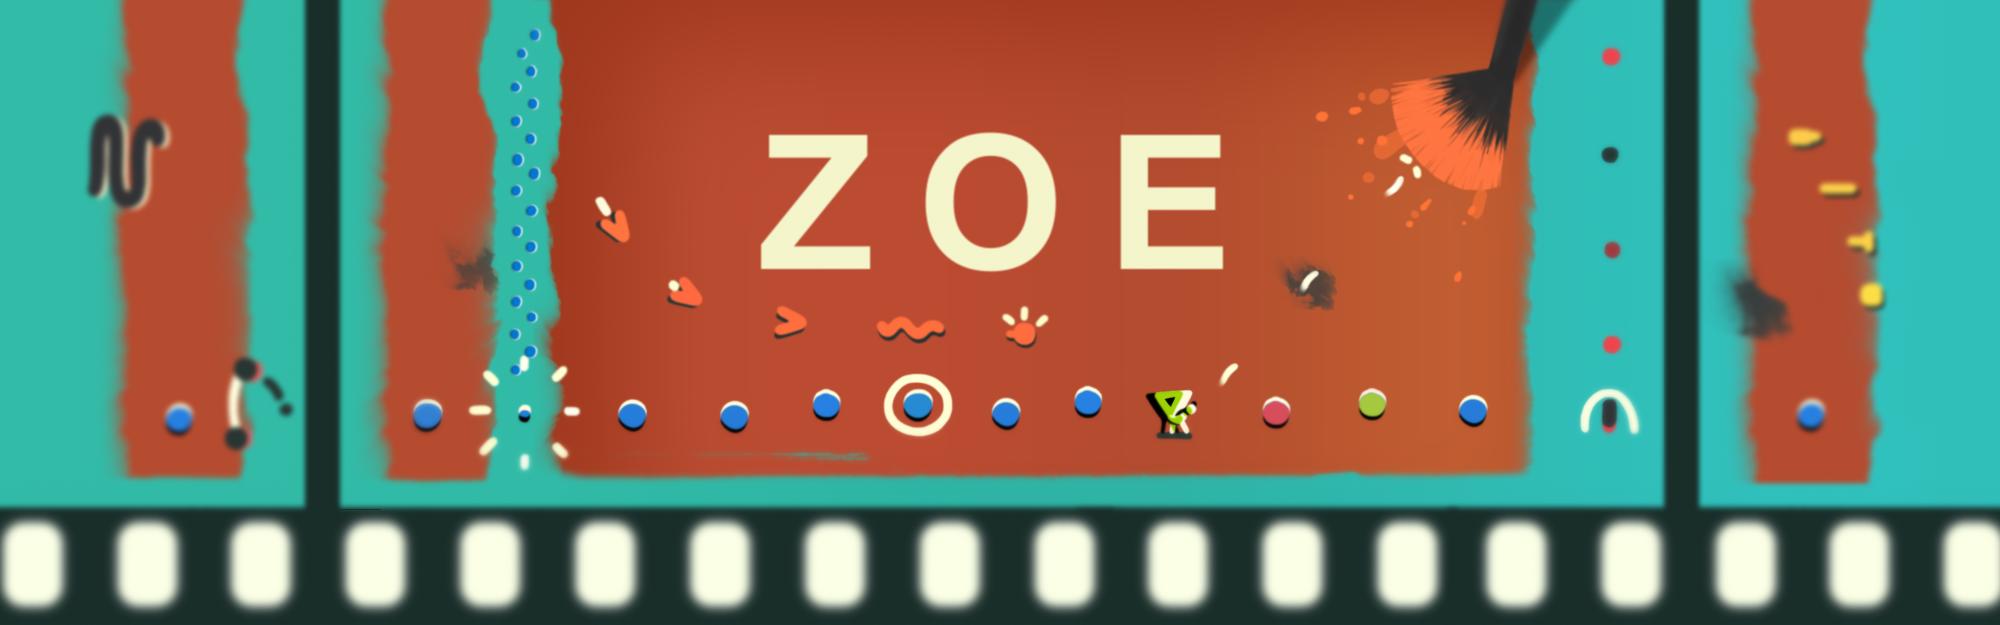 ZOE Banner